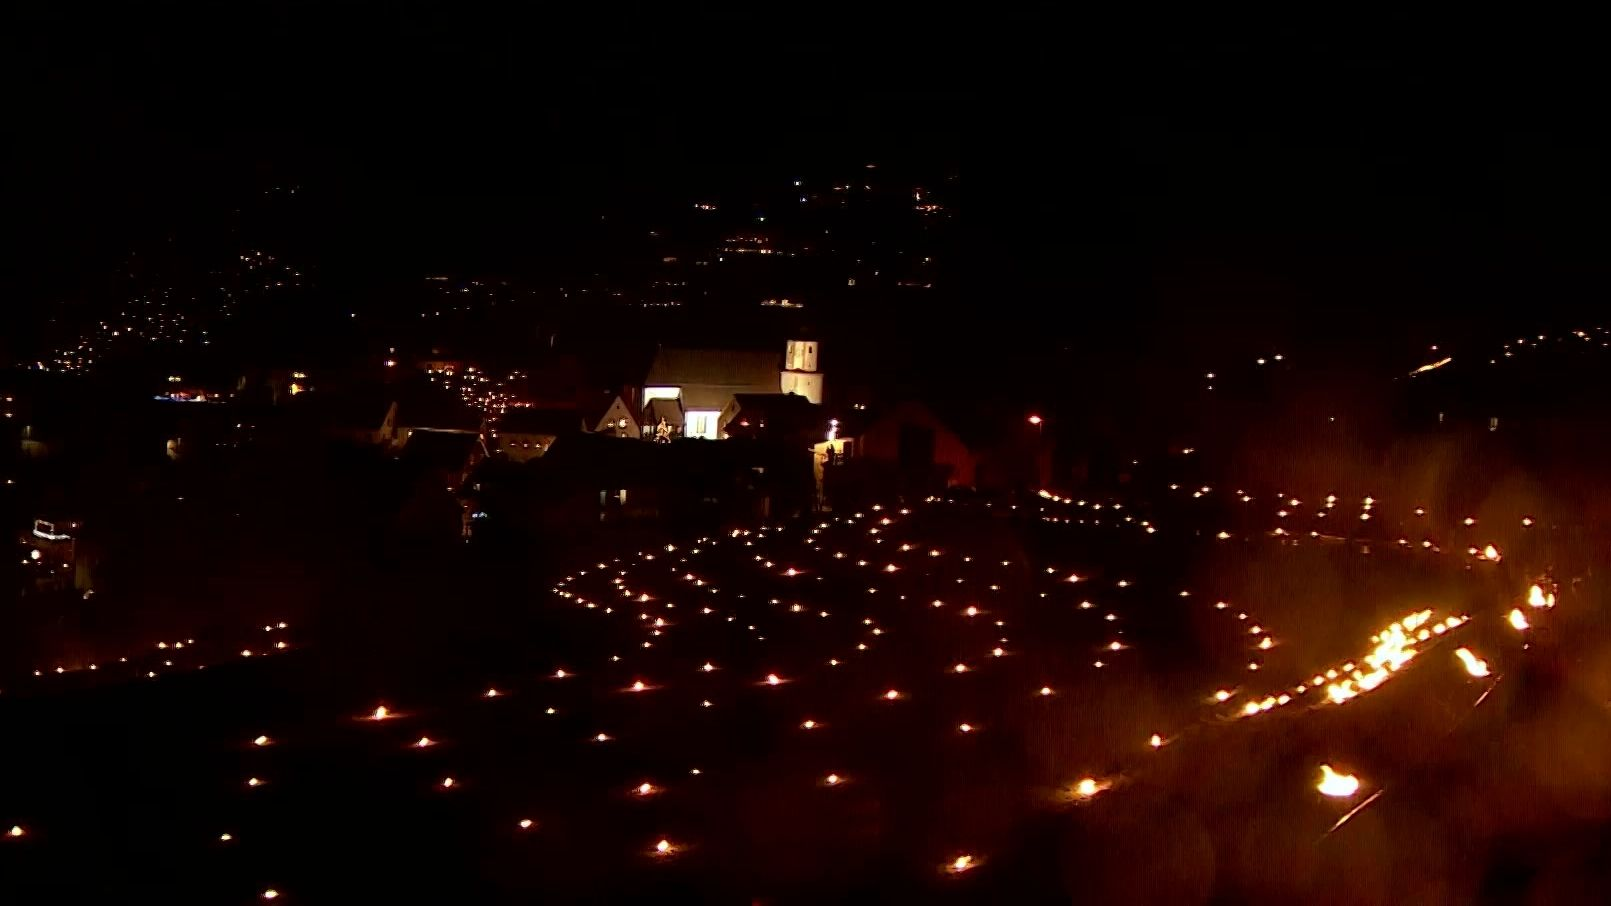 Panorama-Blick auf Obertrubach mit leuchtenden Kerzen im Dunkeln